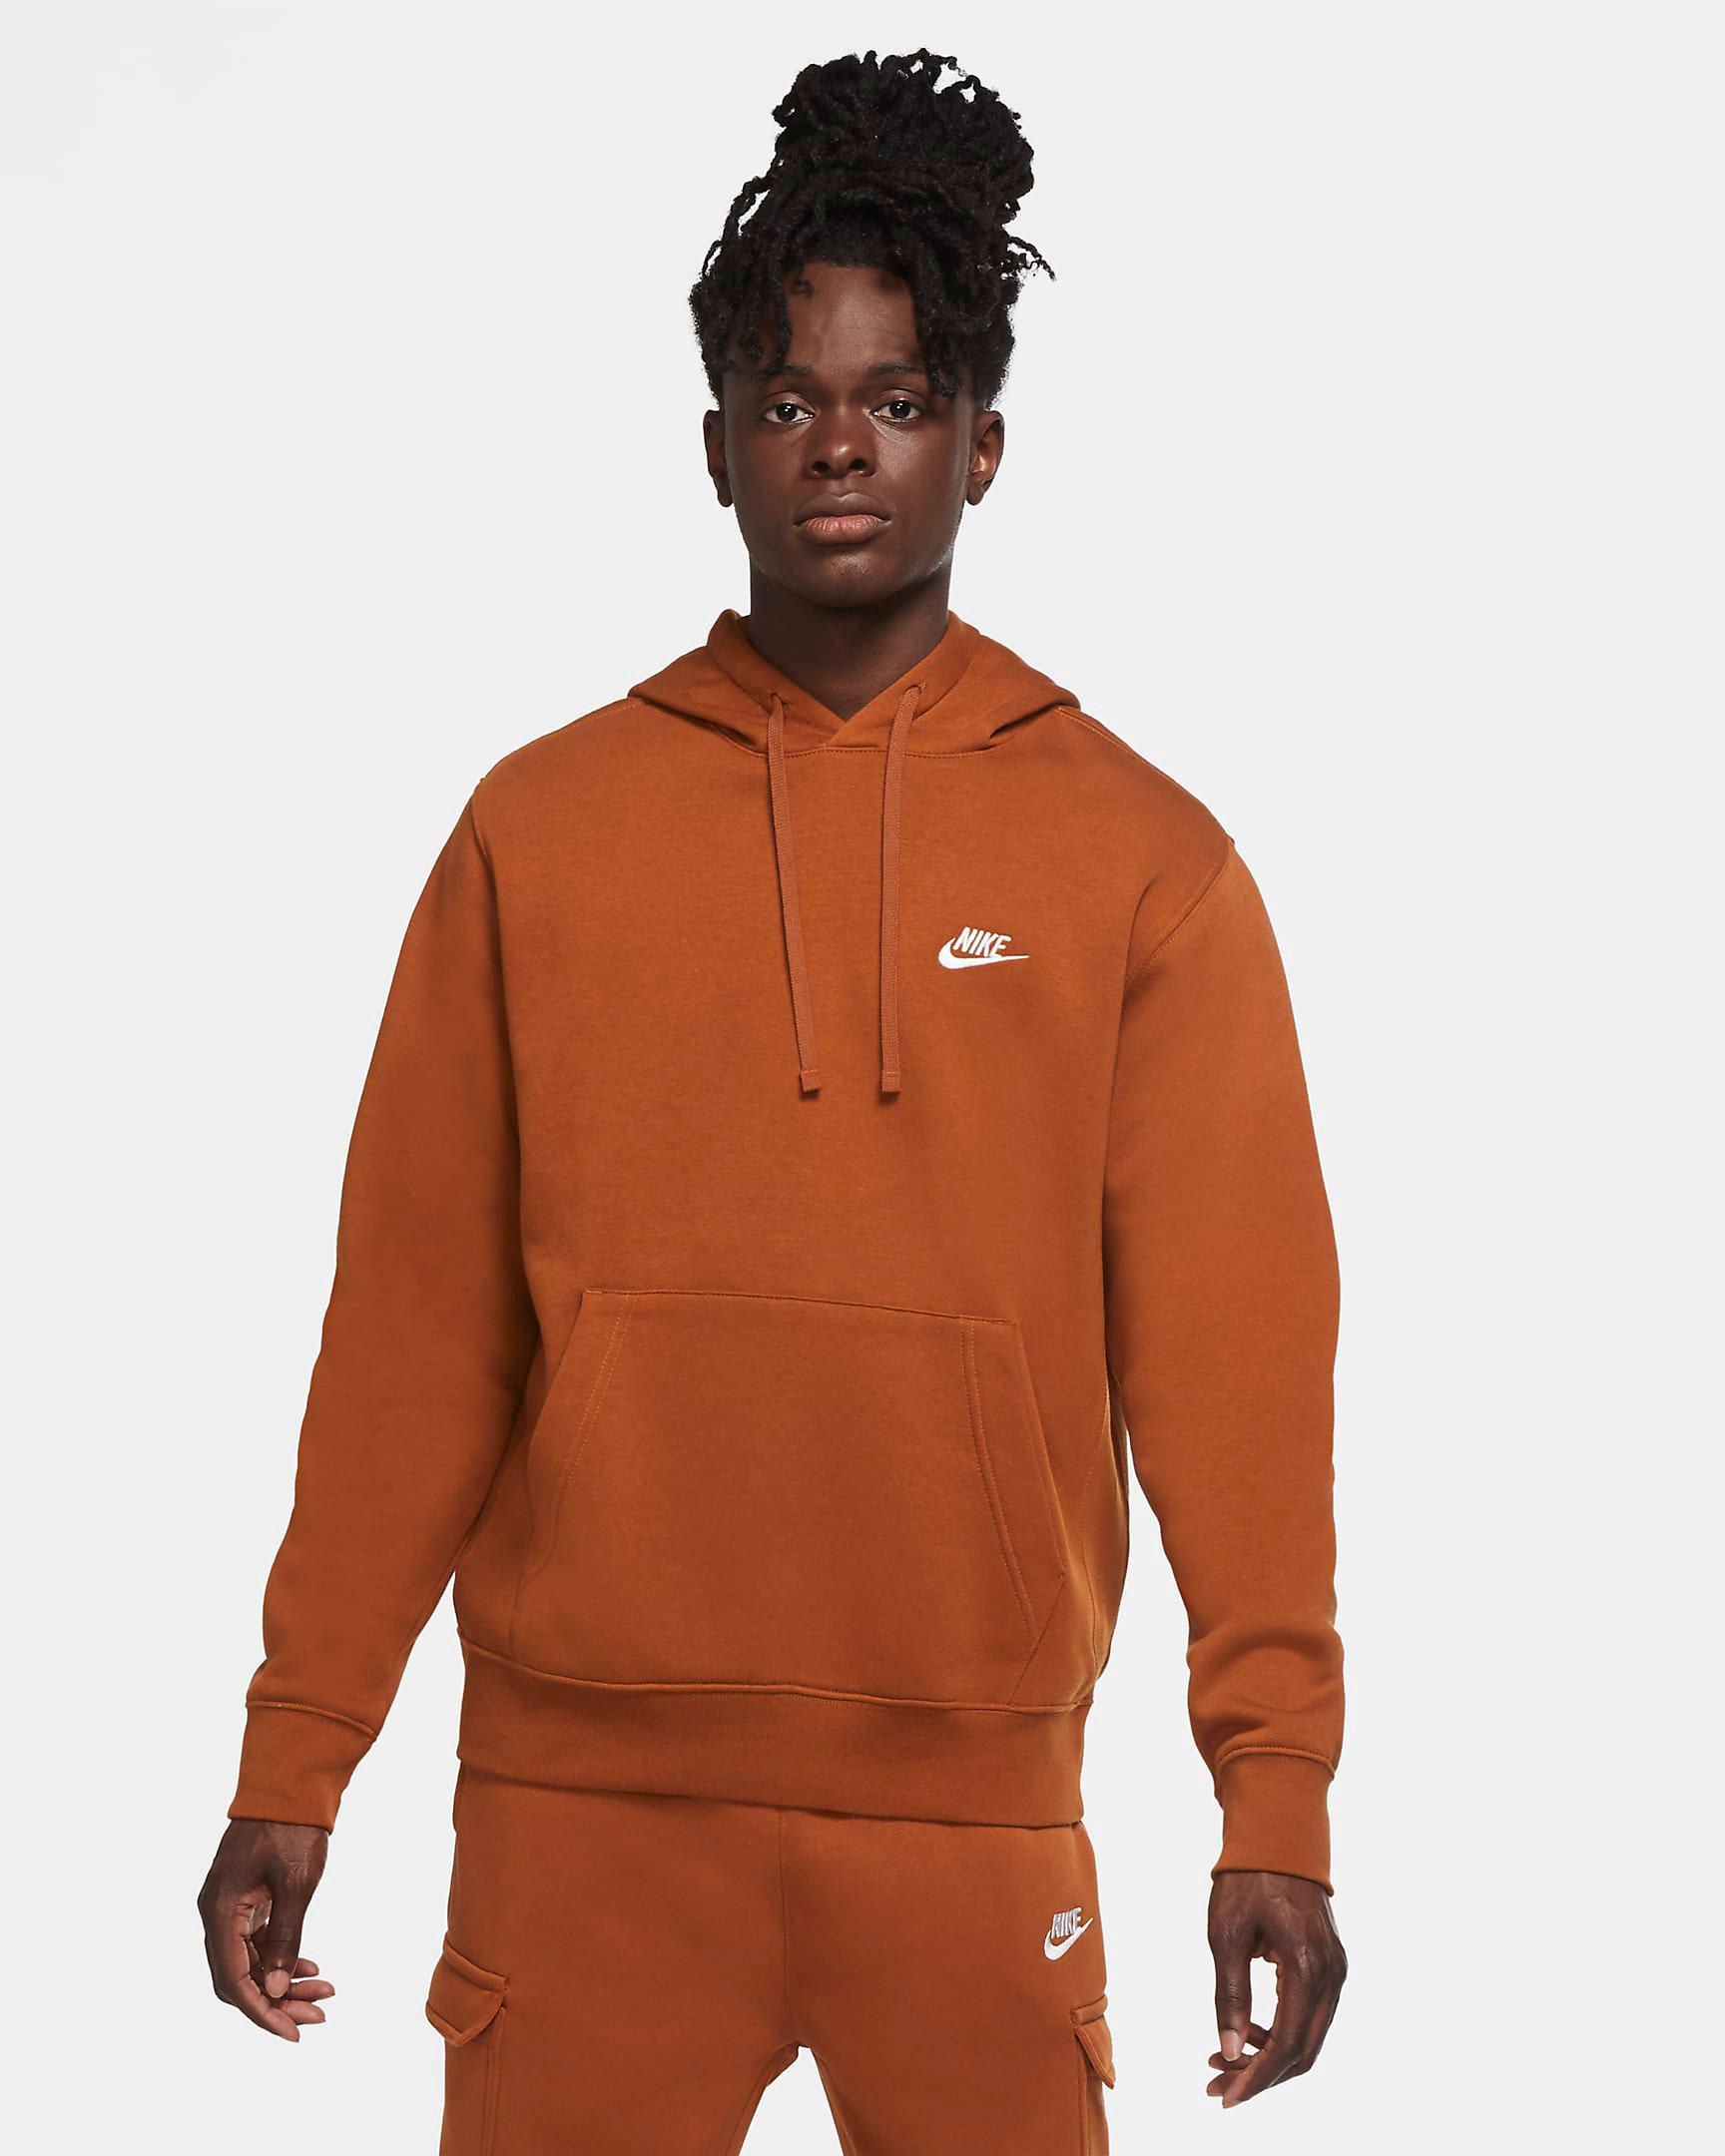 nike-dunk-low-veneer-hoodie-match